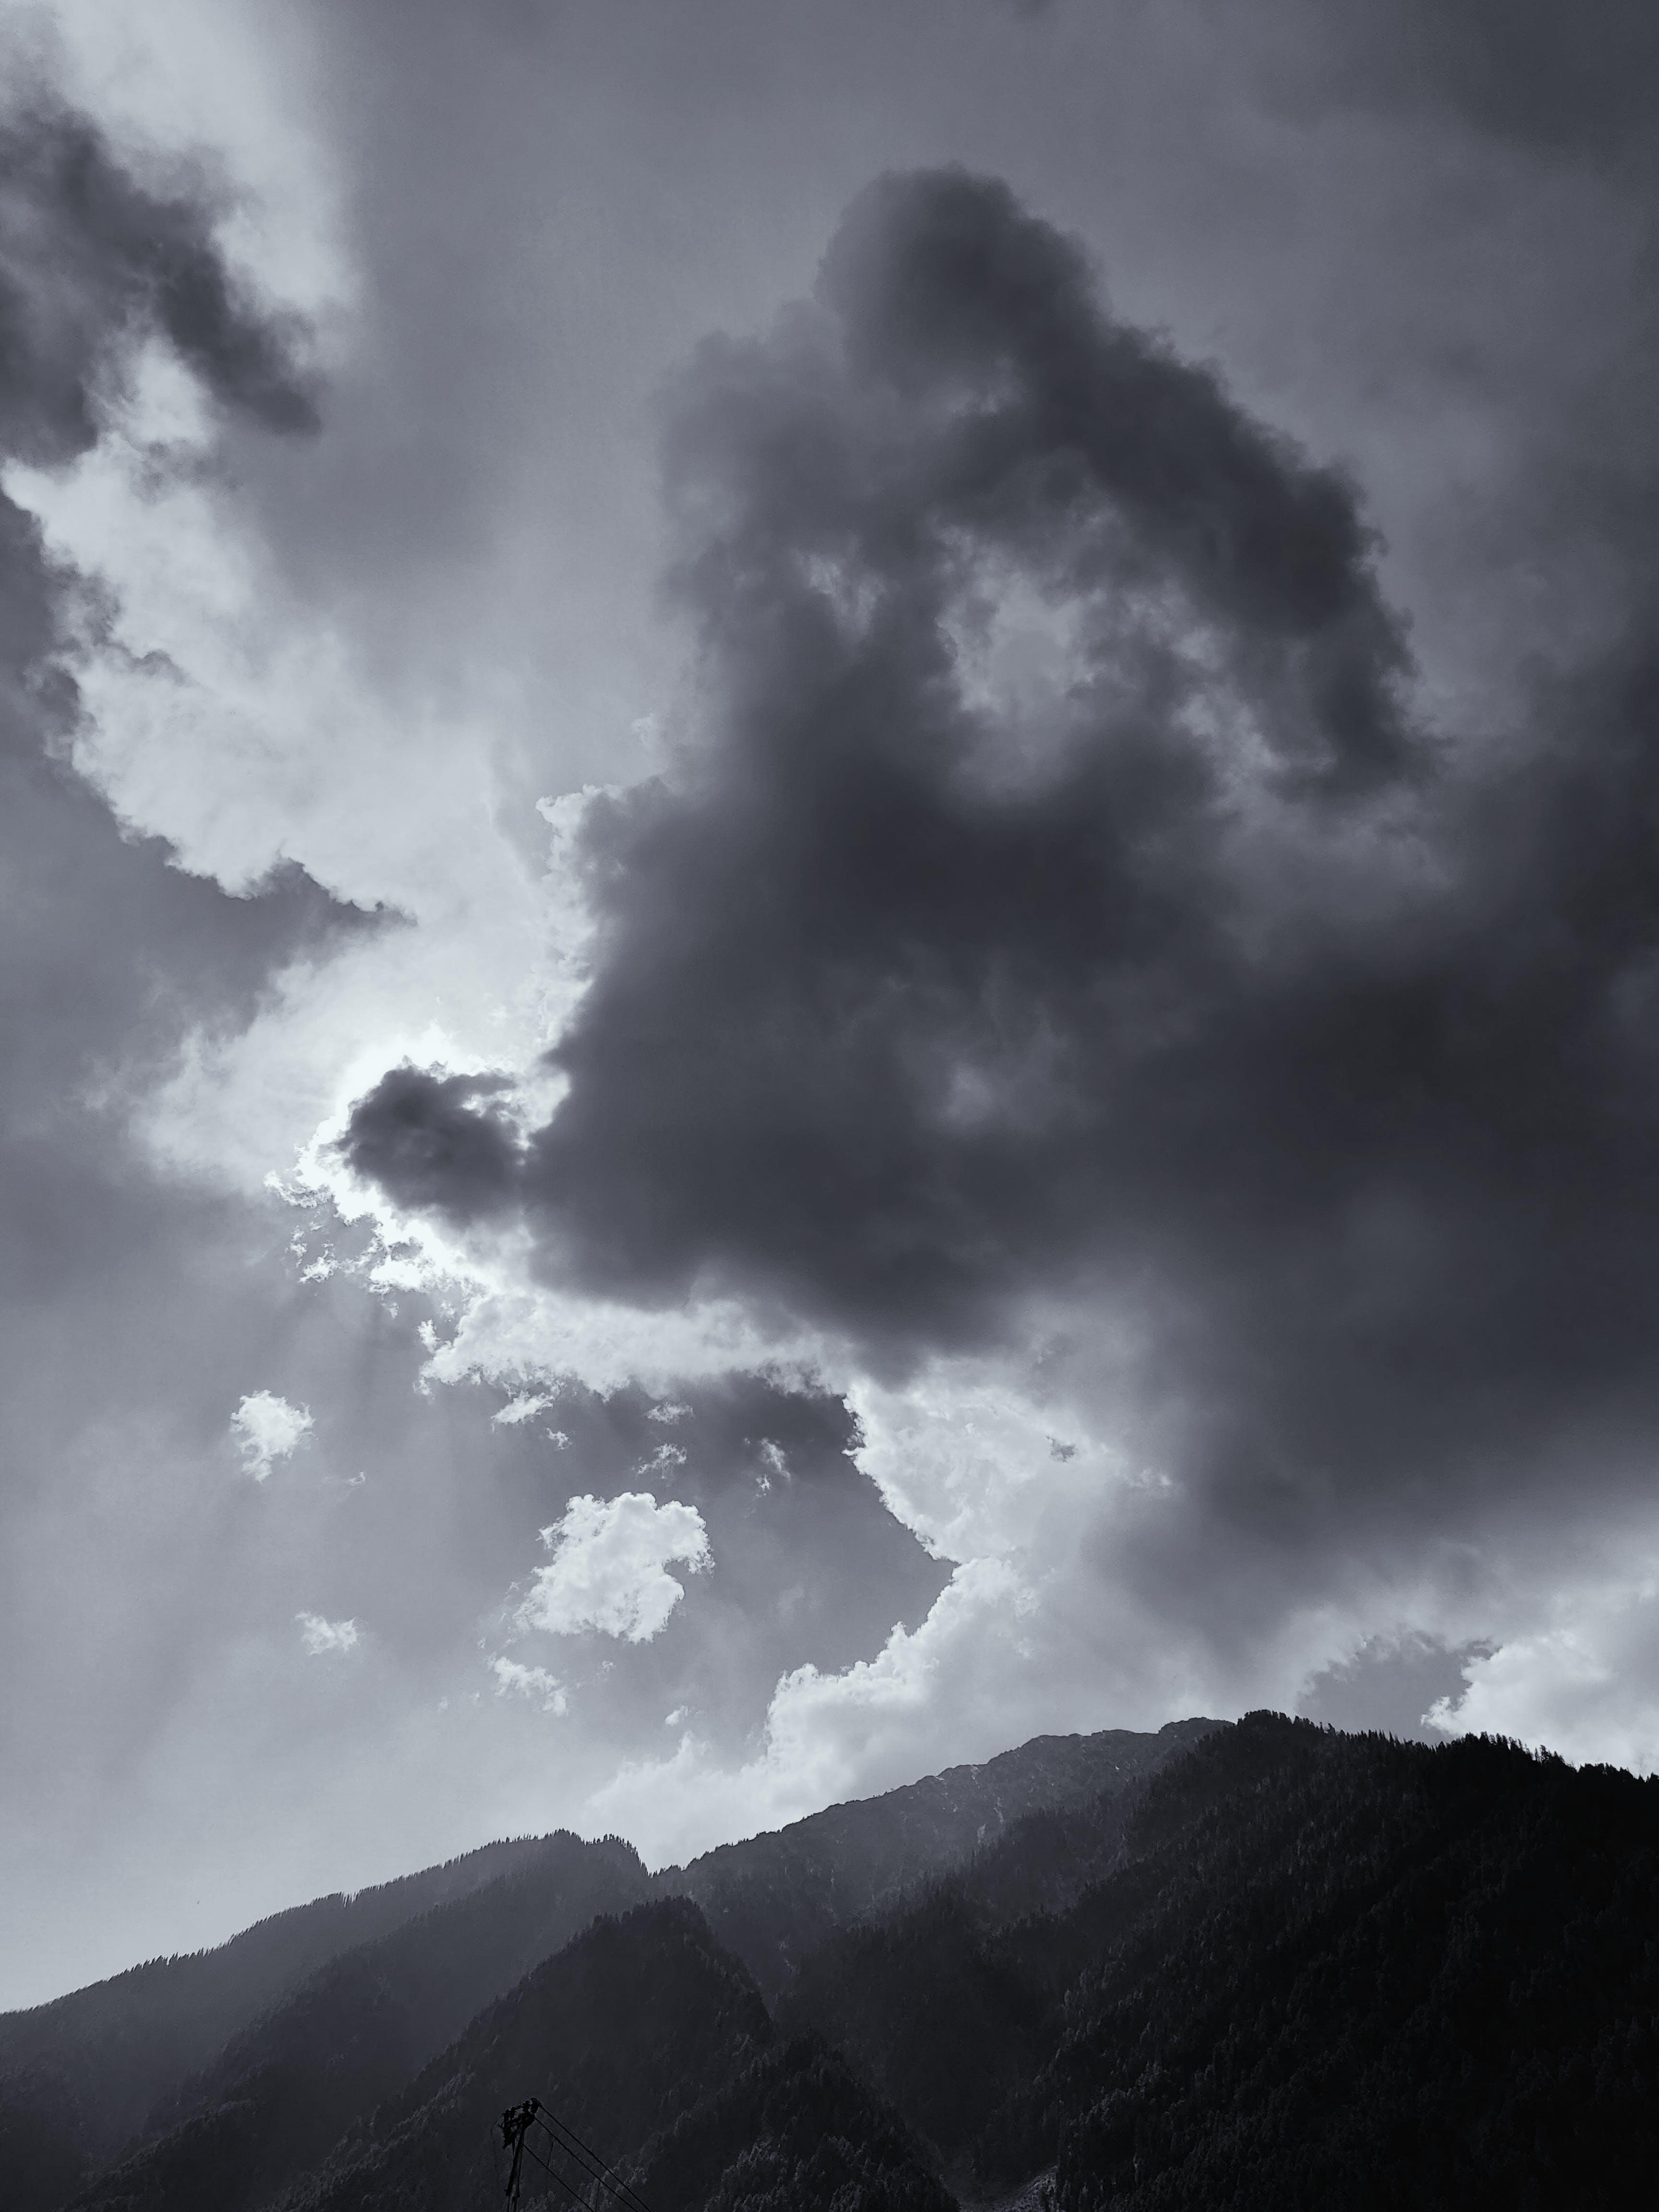 경치, 경치가 좋은, 구름, 산의 무료 스톡 사진